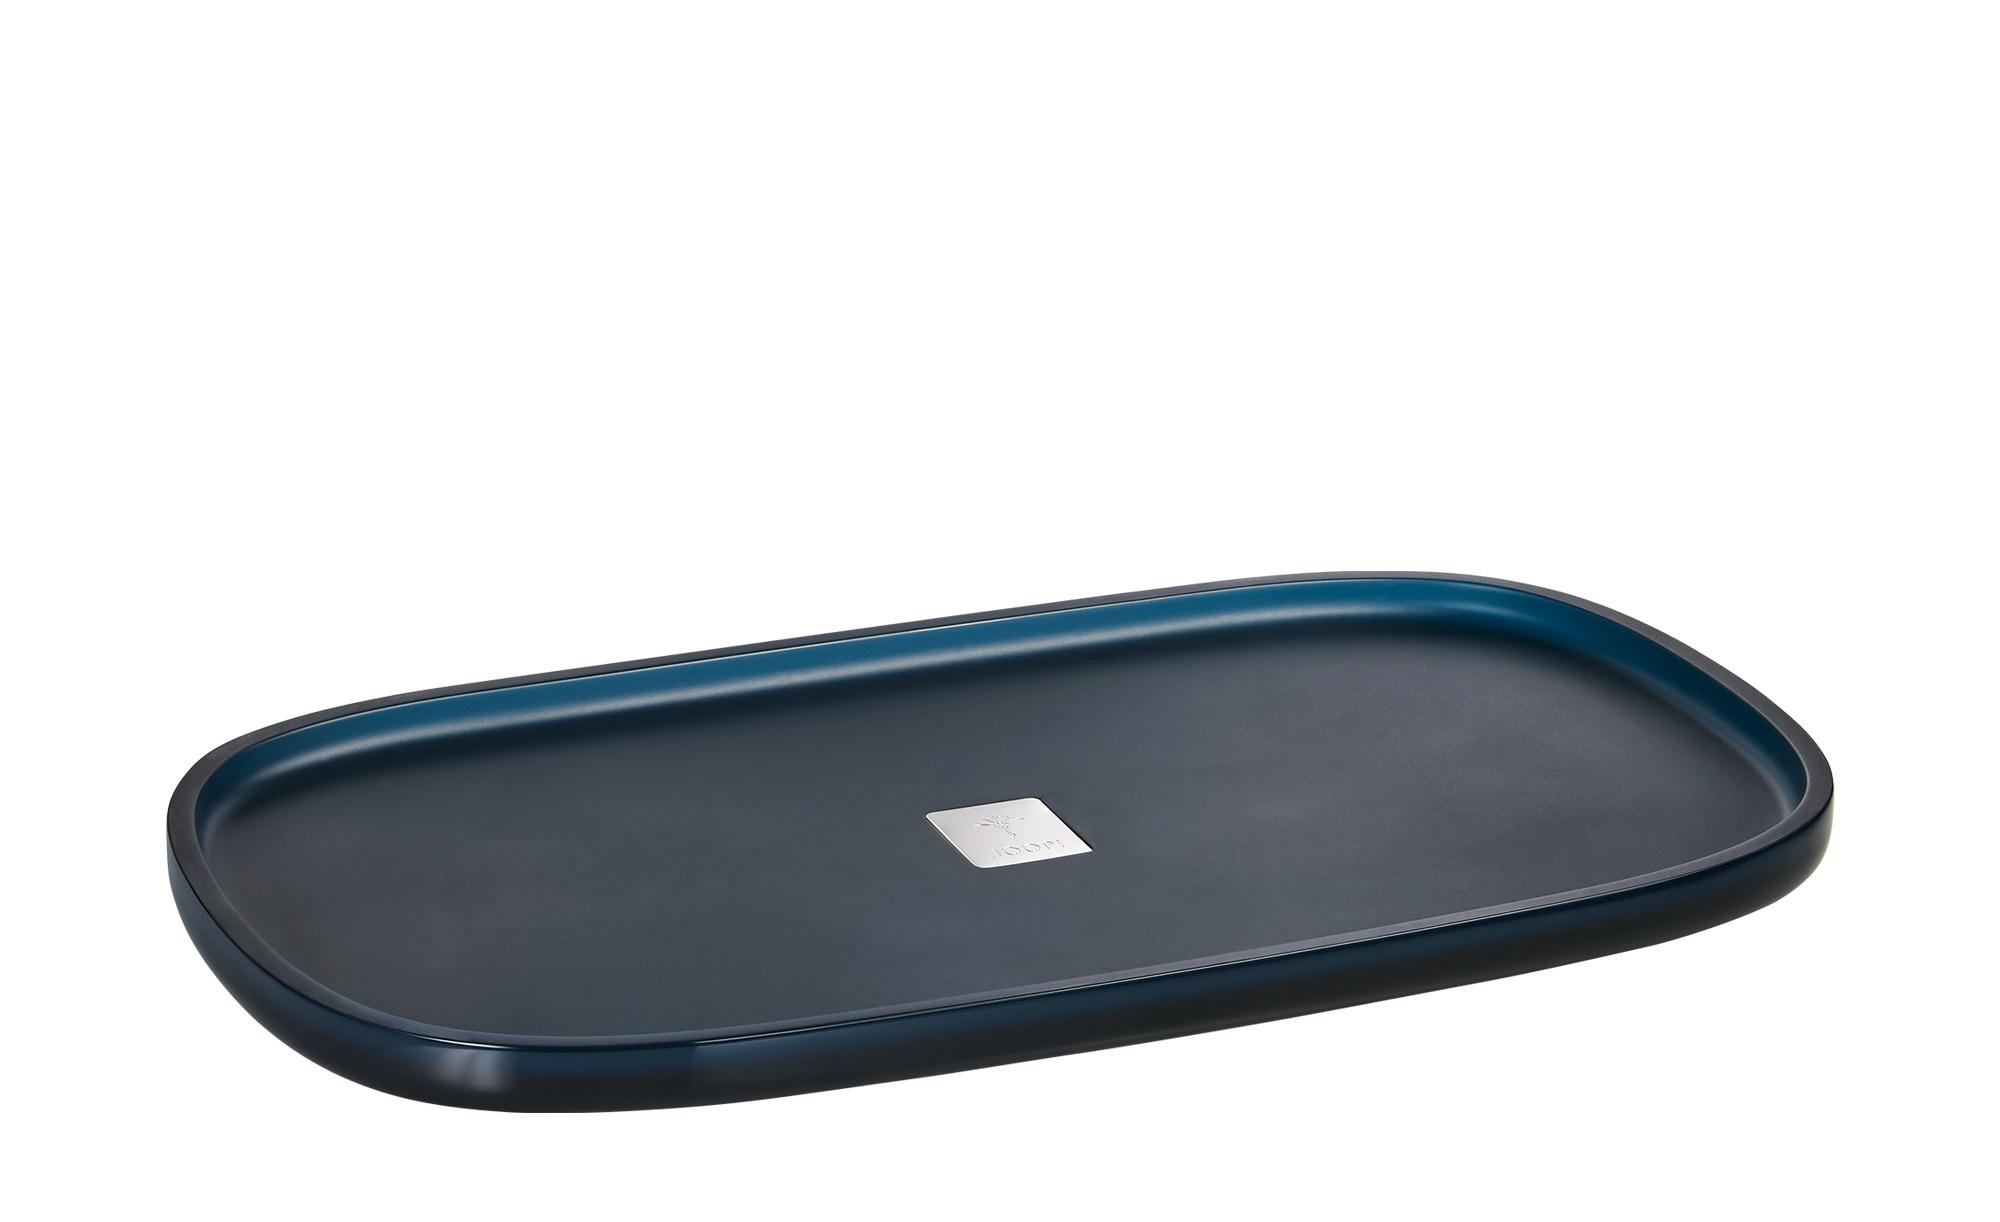 JOOP! Tablett  JOOP! Crystal Line ¦ blau ¦ Polyresin (Kunstharz), Metall Badtextilien und Zubehör > Badaccessoires - Höffner